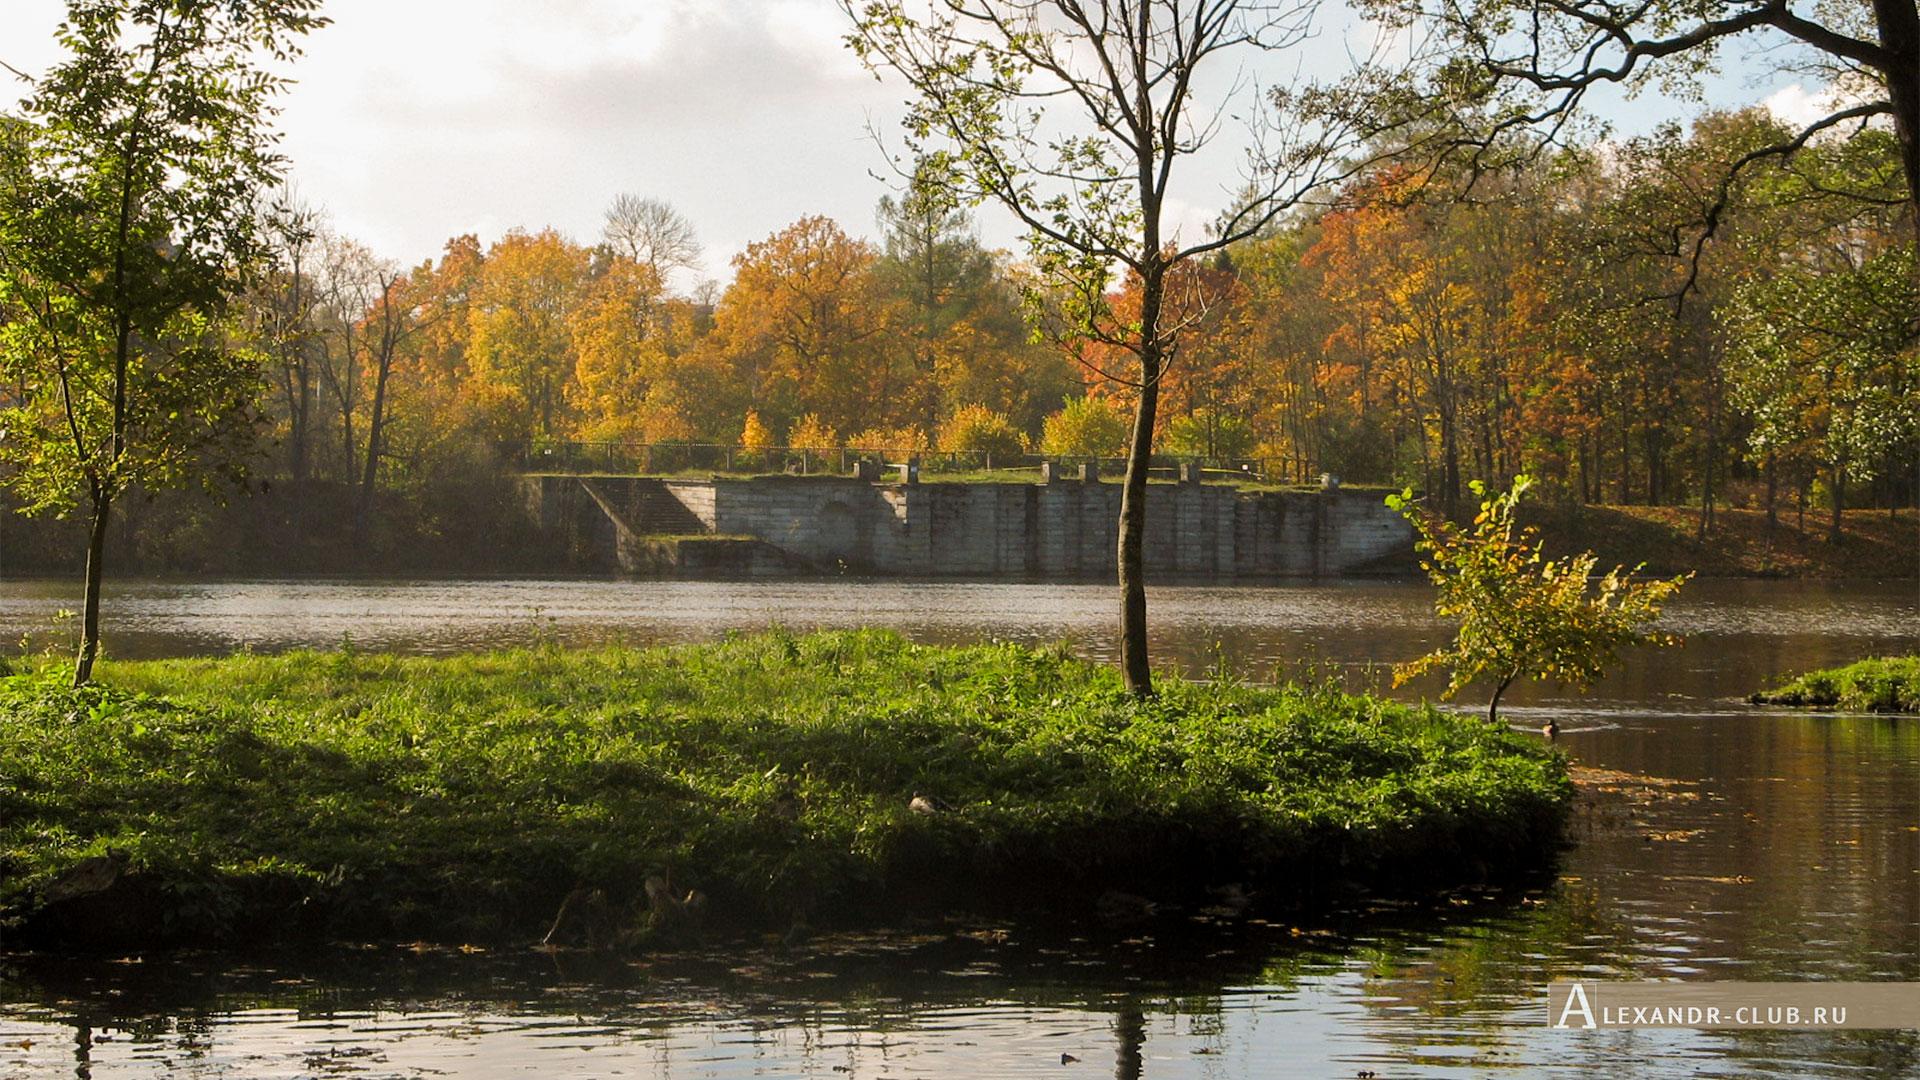 Гатчина, Гатчинский парк, осень, Белое озеро и Большая терраса-пристань